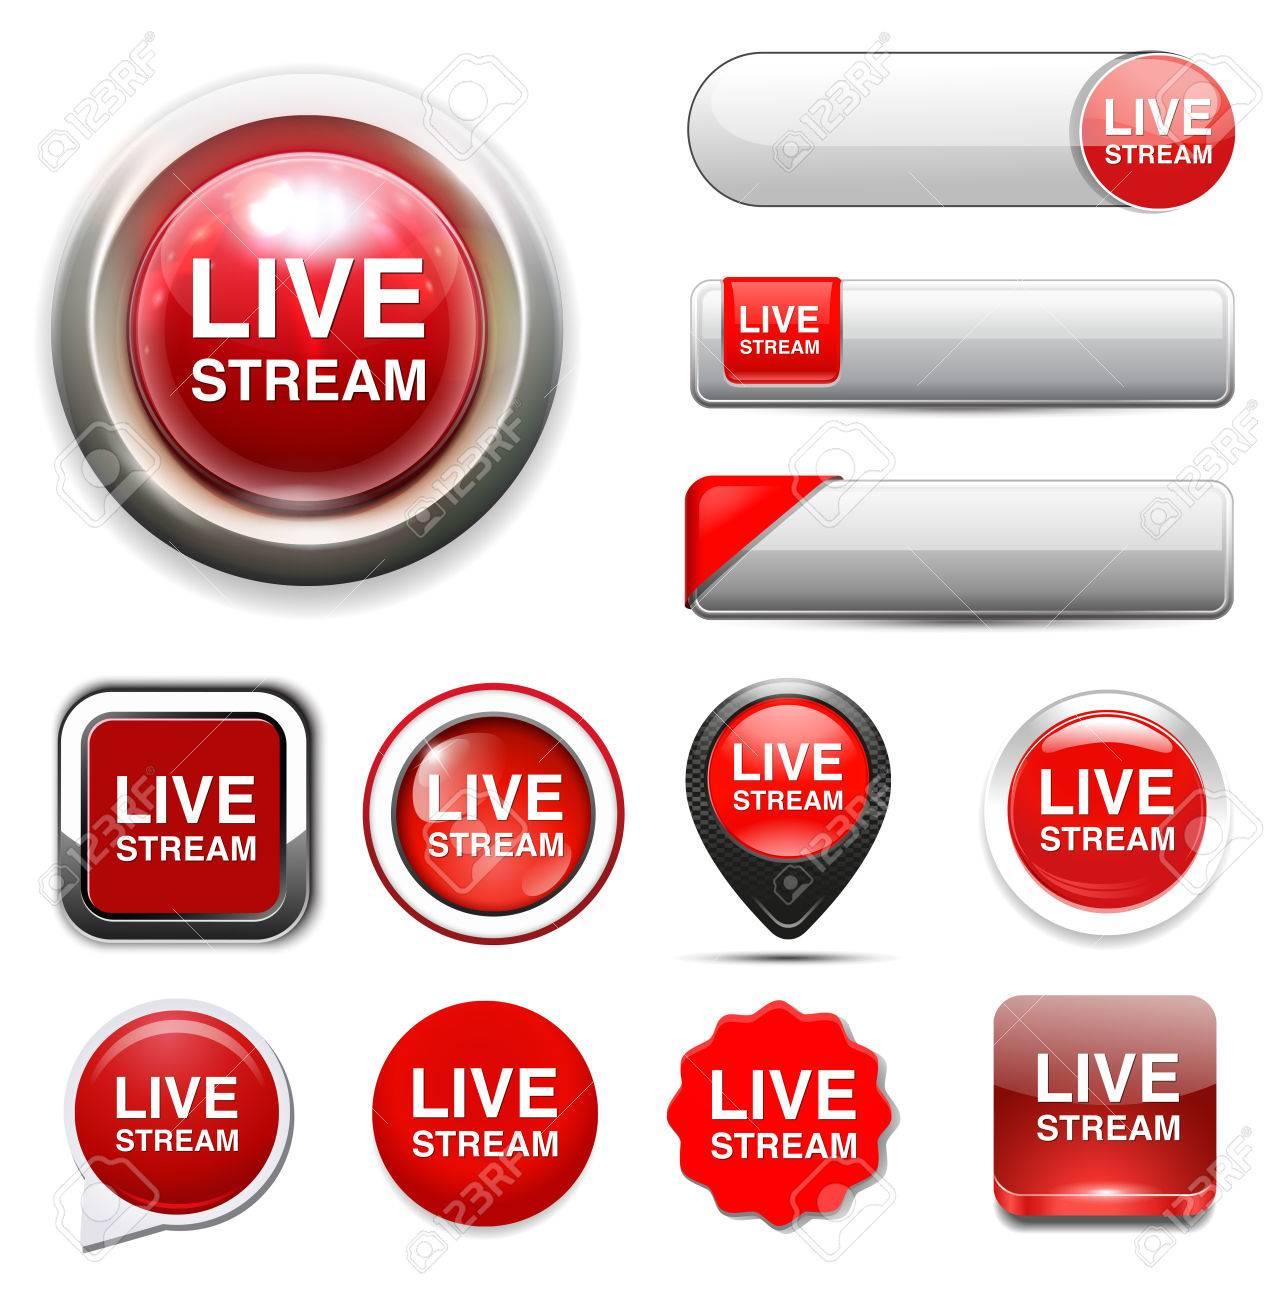 live stream icon - 38075558